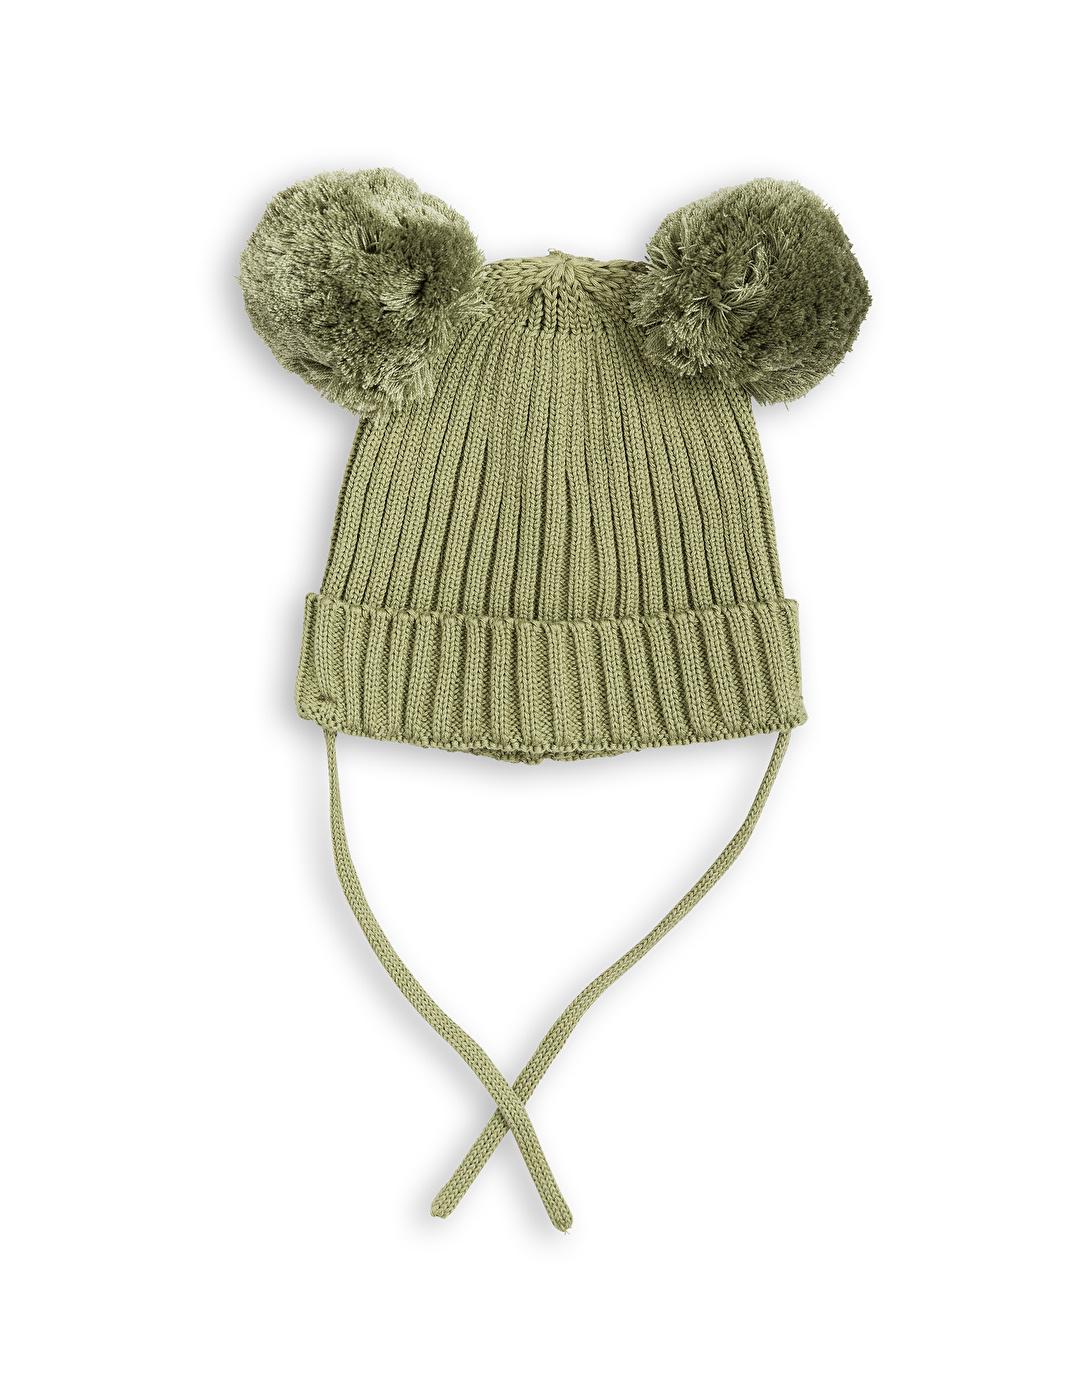 1776513275-1-mini-rodini-ear-hat-green